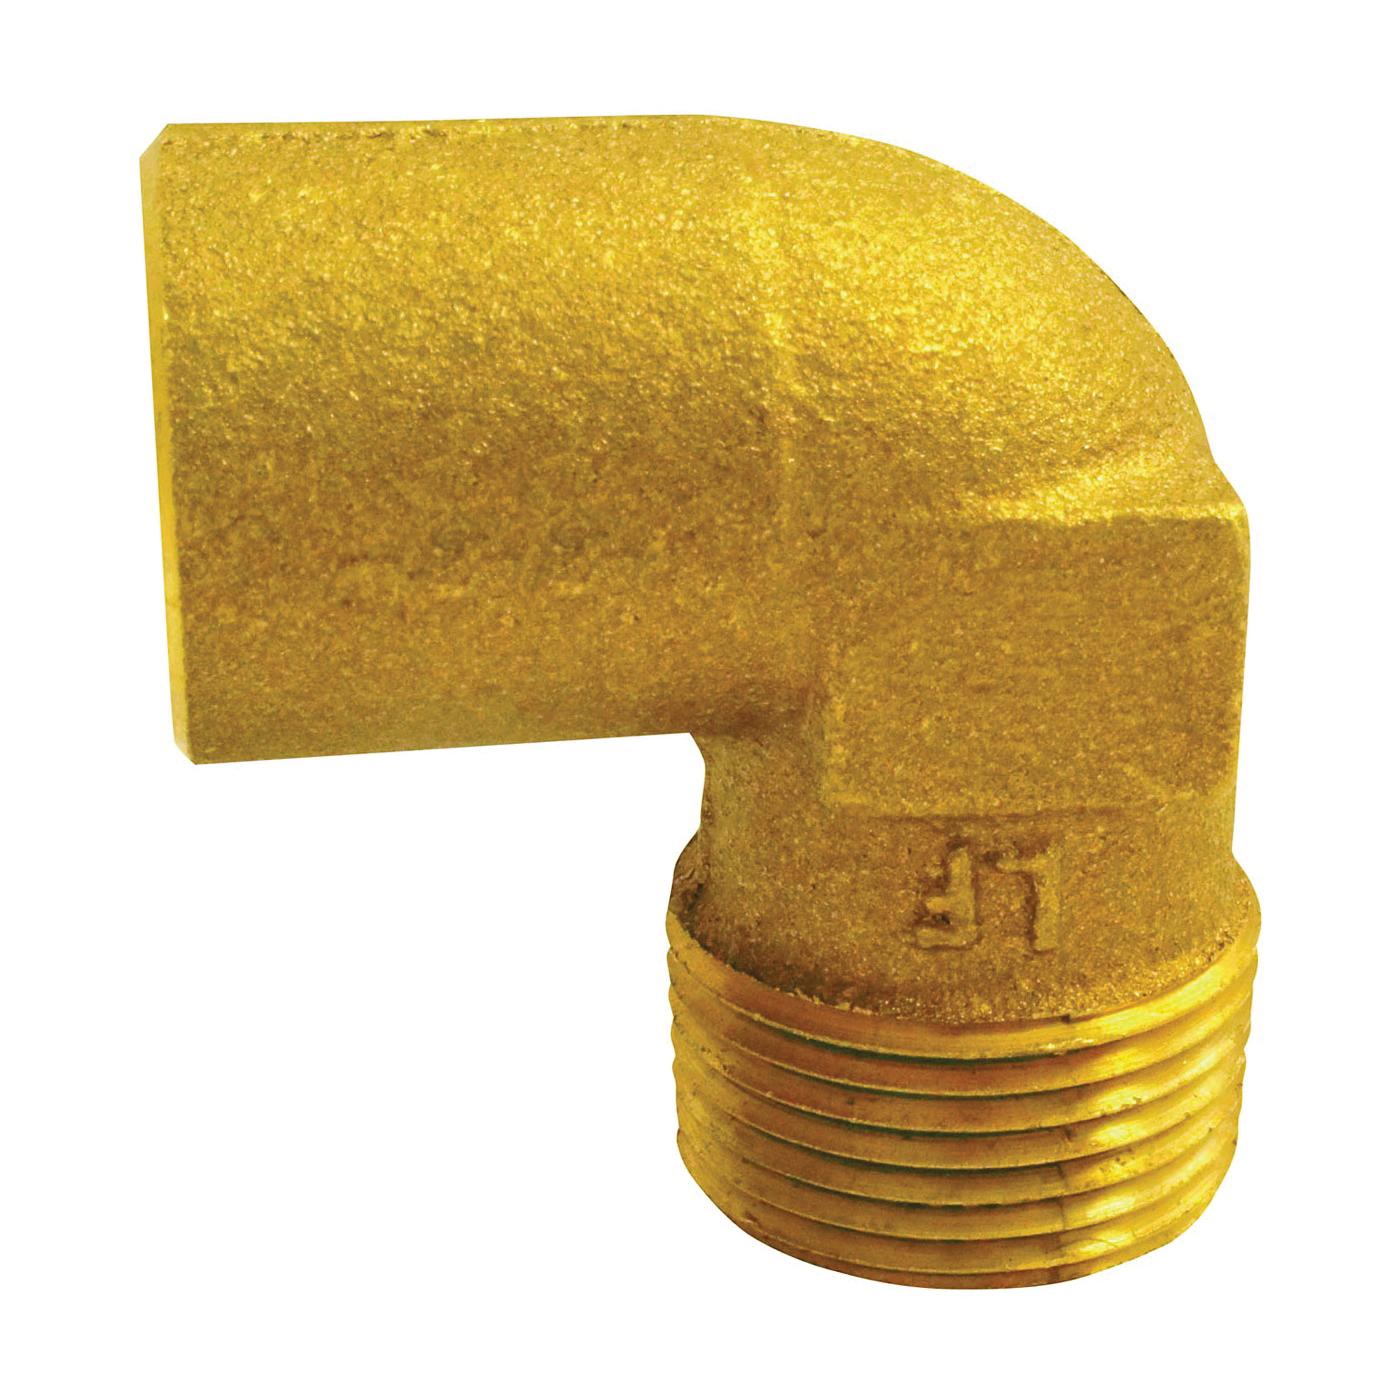 Picture of EPC 10156842 Pipe Elbow, 1/2 in, Compression x Male, 90 deg Angle, Copper